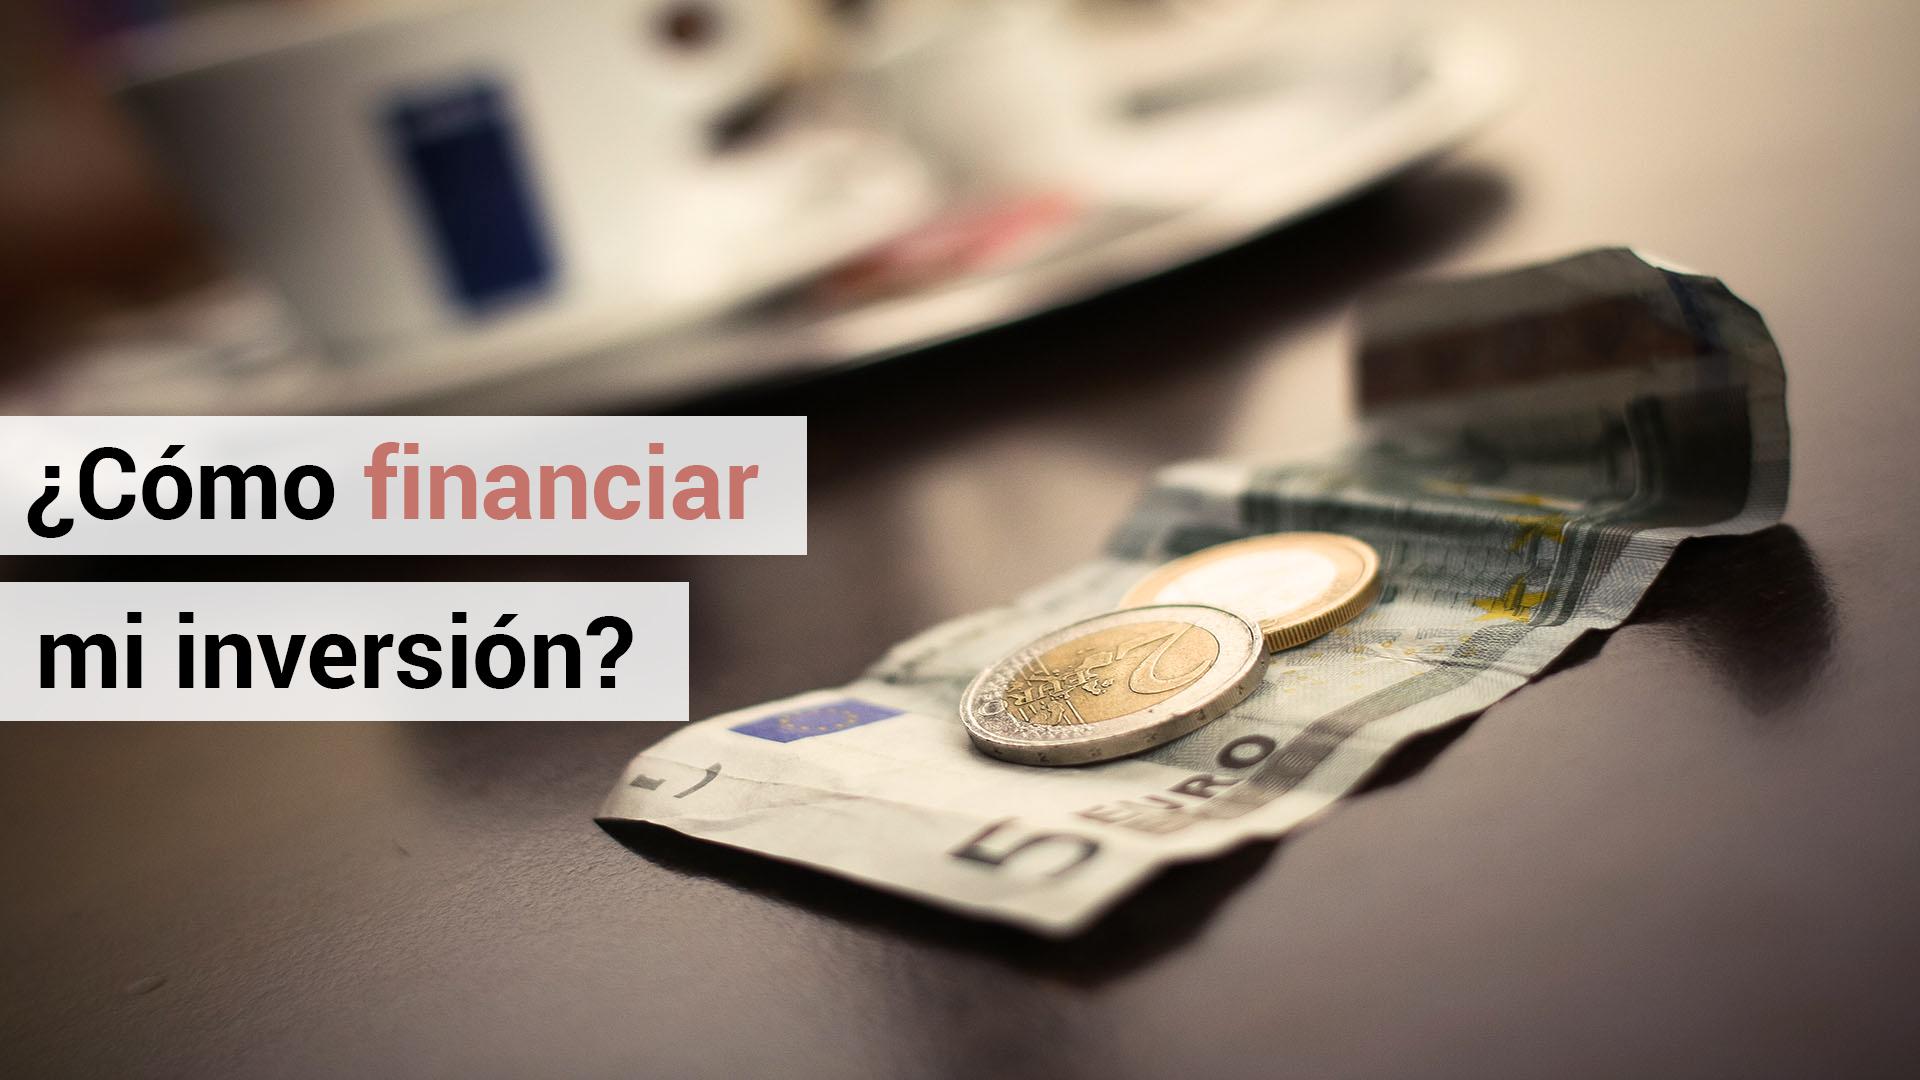 Dudas de finanzas: ¿cómo financiar mi inversión?